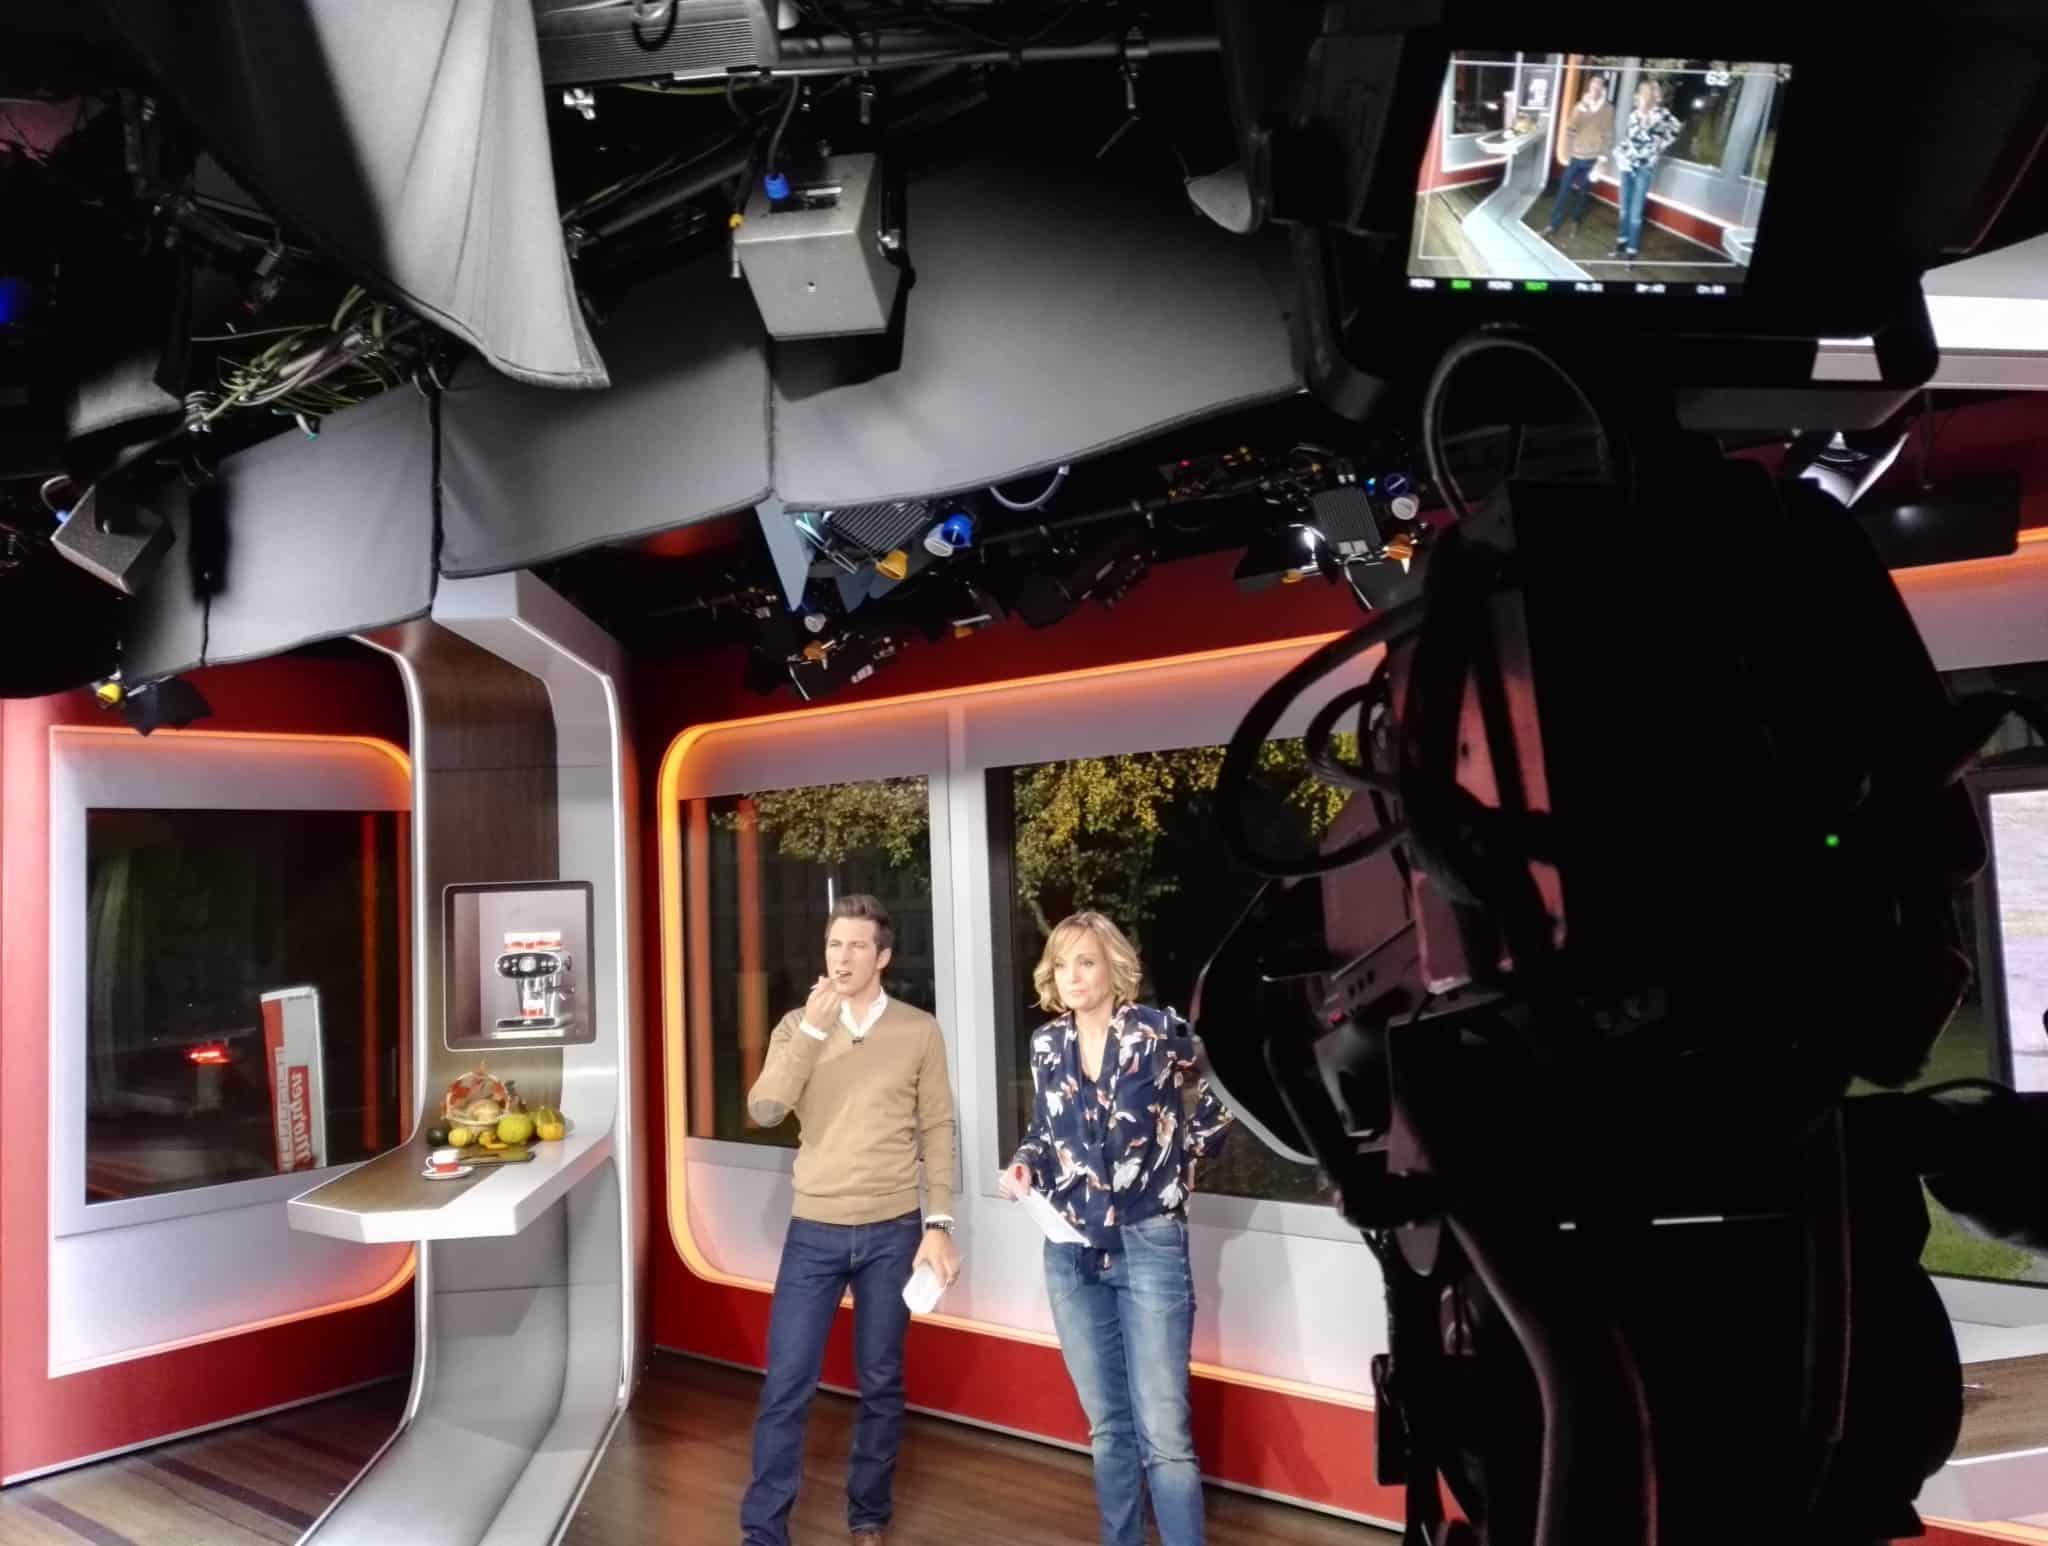 ORF Guten Morgen Österreich Tirol Sölden Woche C Andreas Felder 24 - ORF Guten Morgen Österreich - Tirol Woche